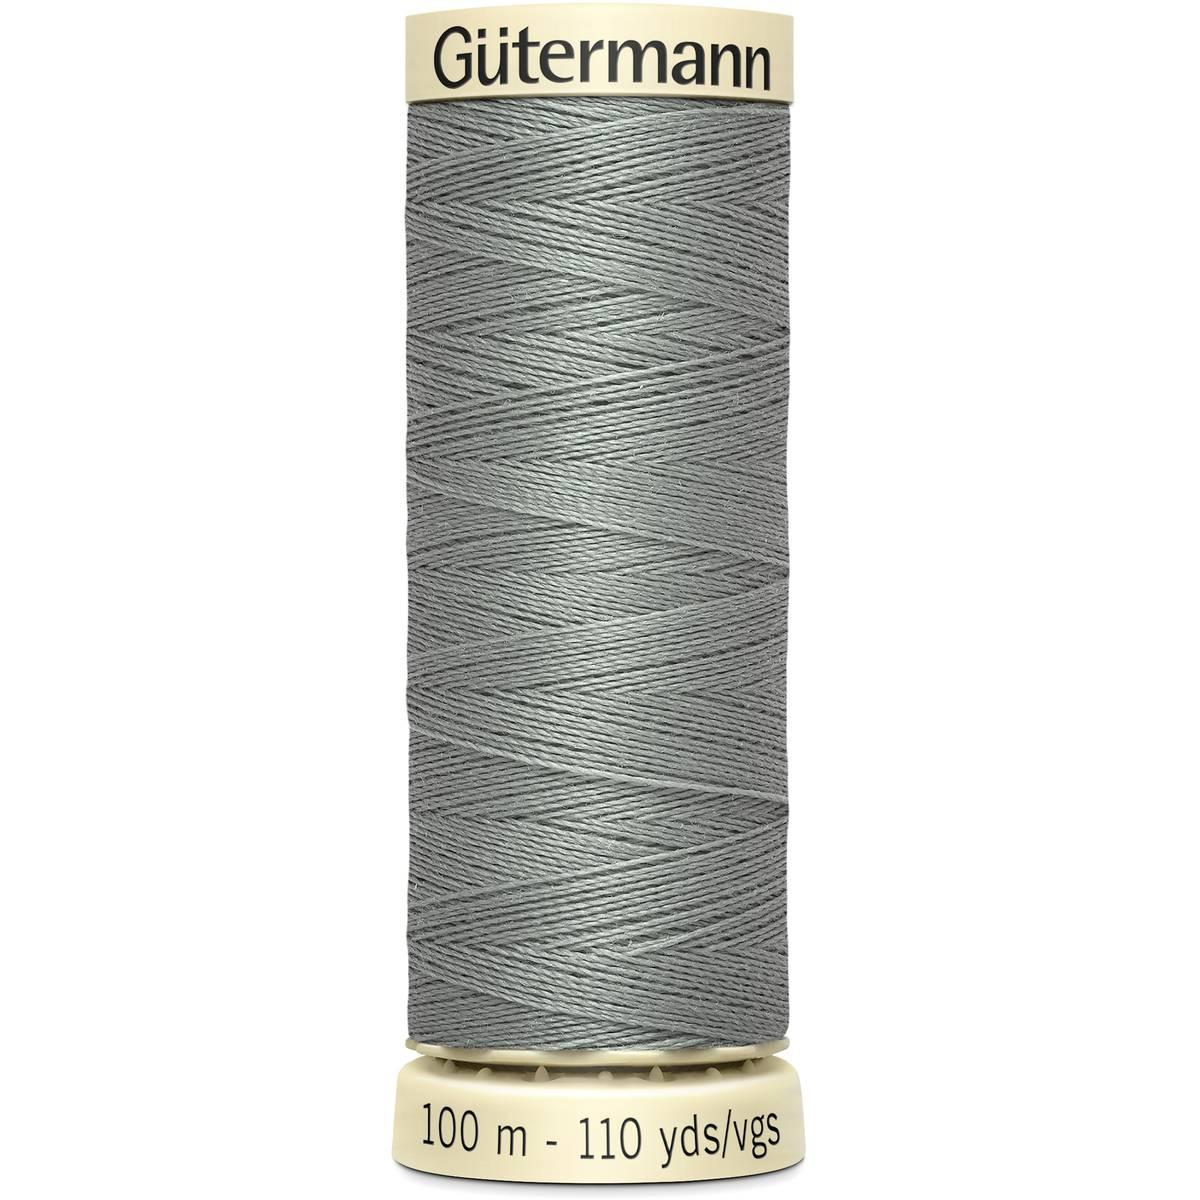 חוט תפירה גוטרמן - Grey 634